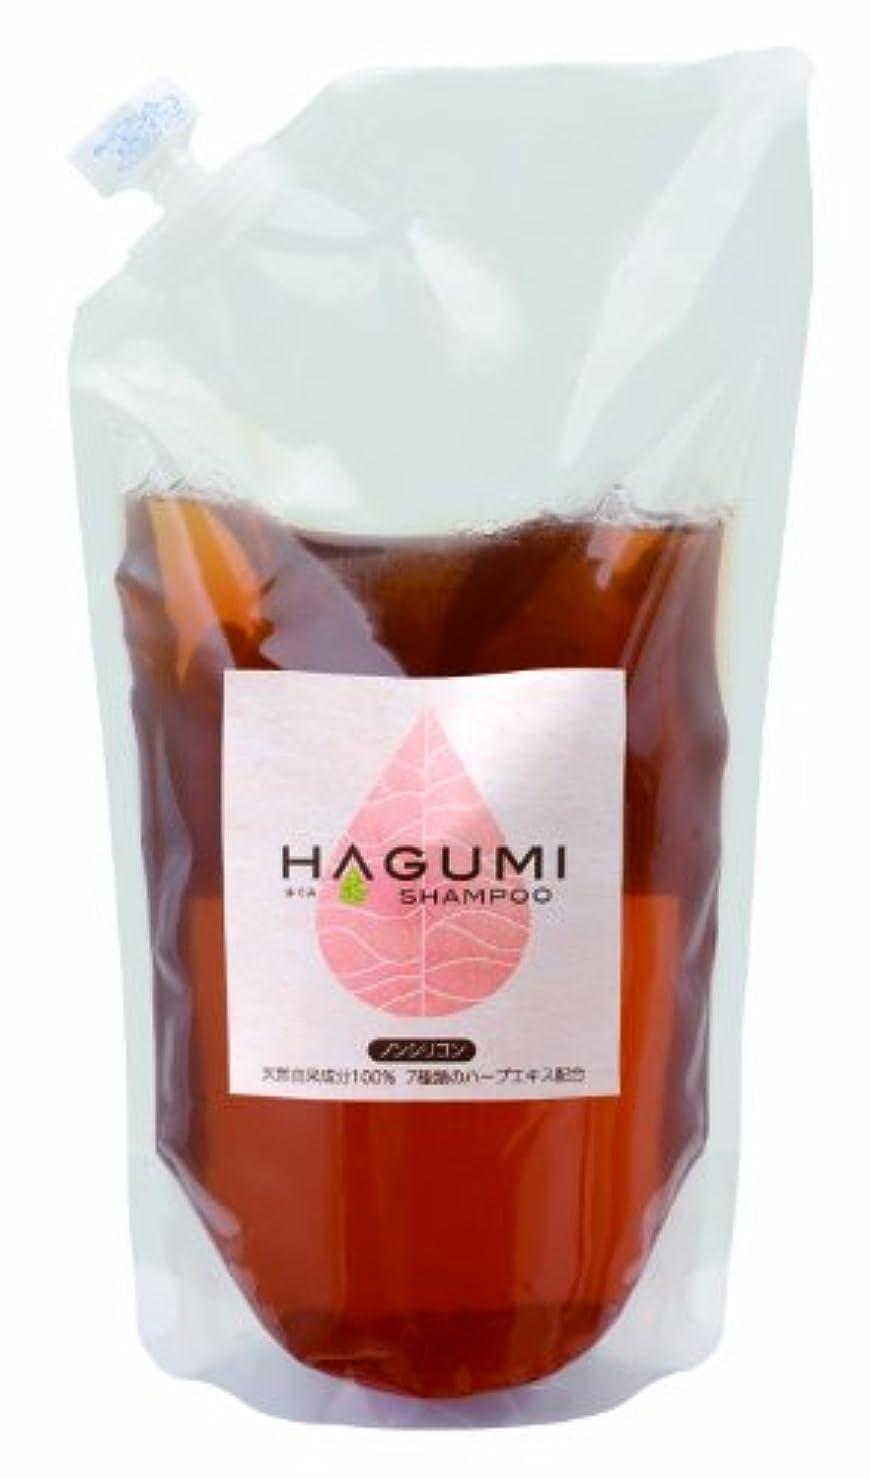 思春期のテロリスト保険HAGUMI(ハグミ) シャンプー 400ml